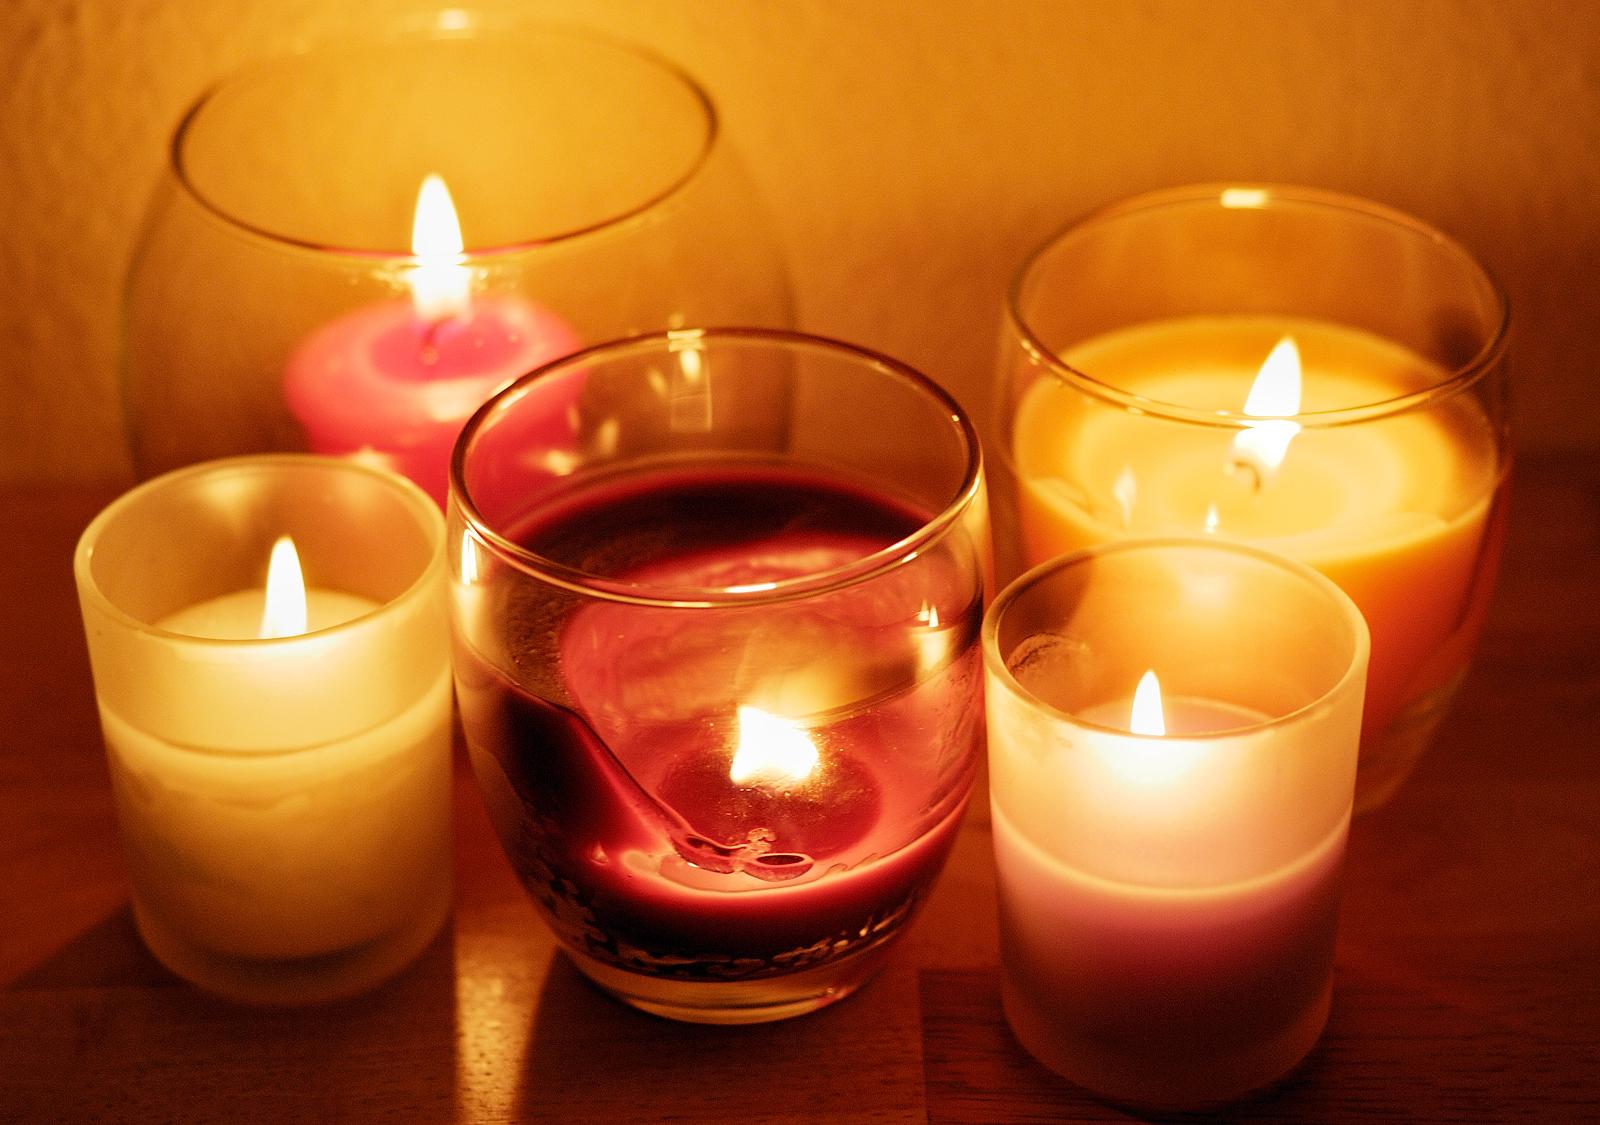 Как сделать кадильные свечи